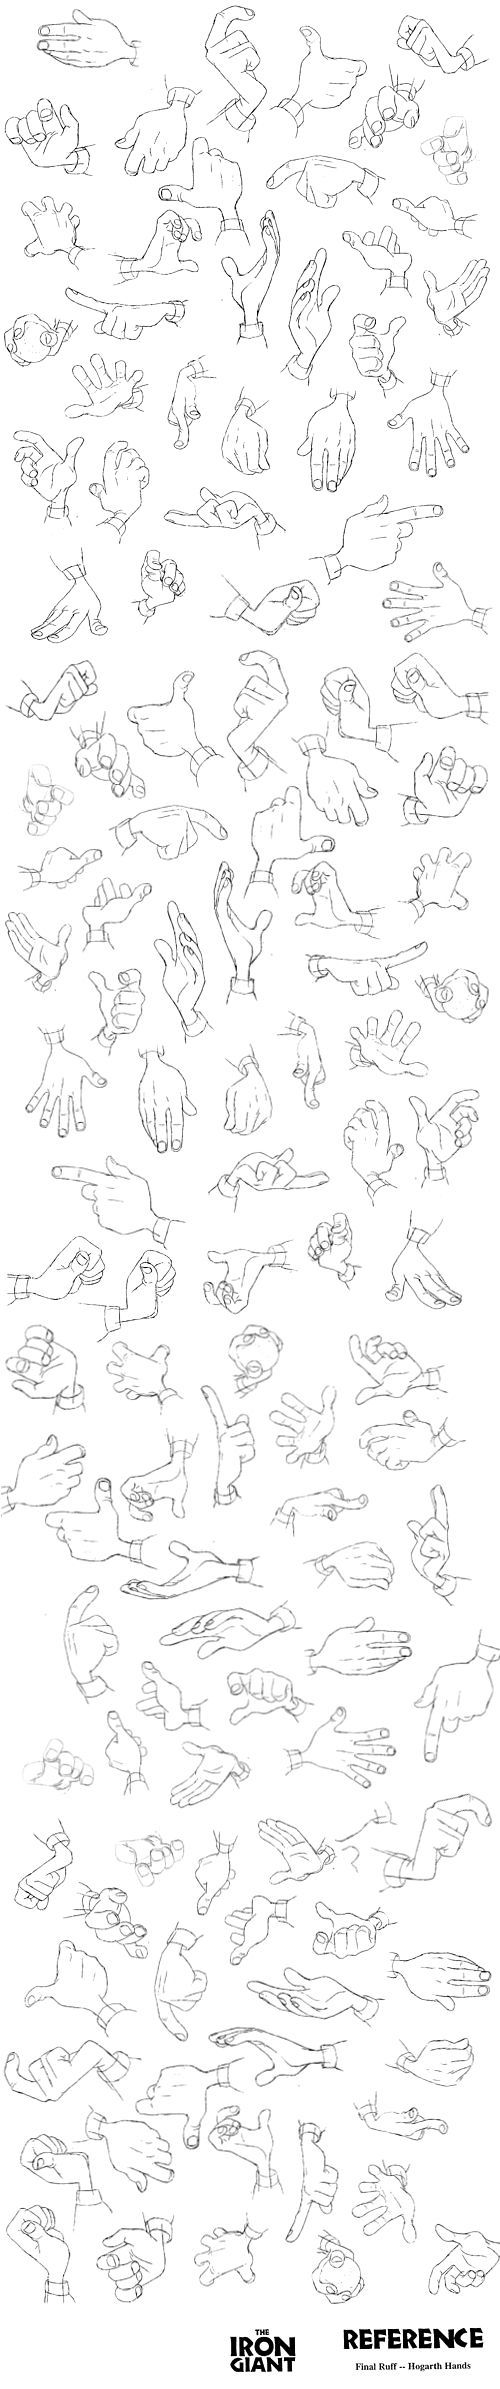 Ejercicios para dibujar las manos 03